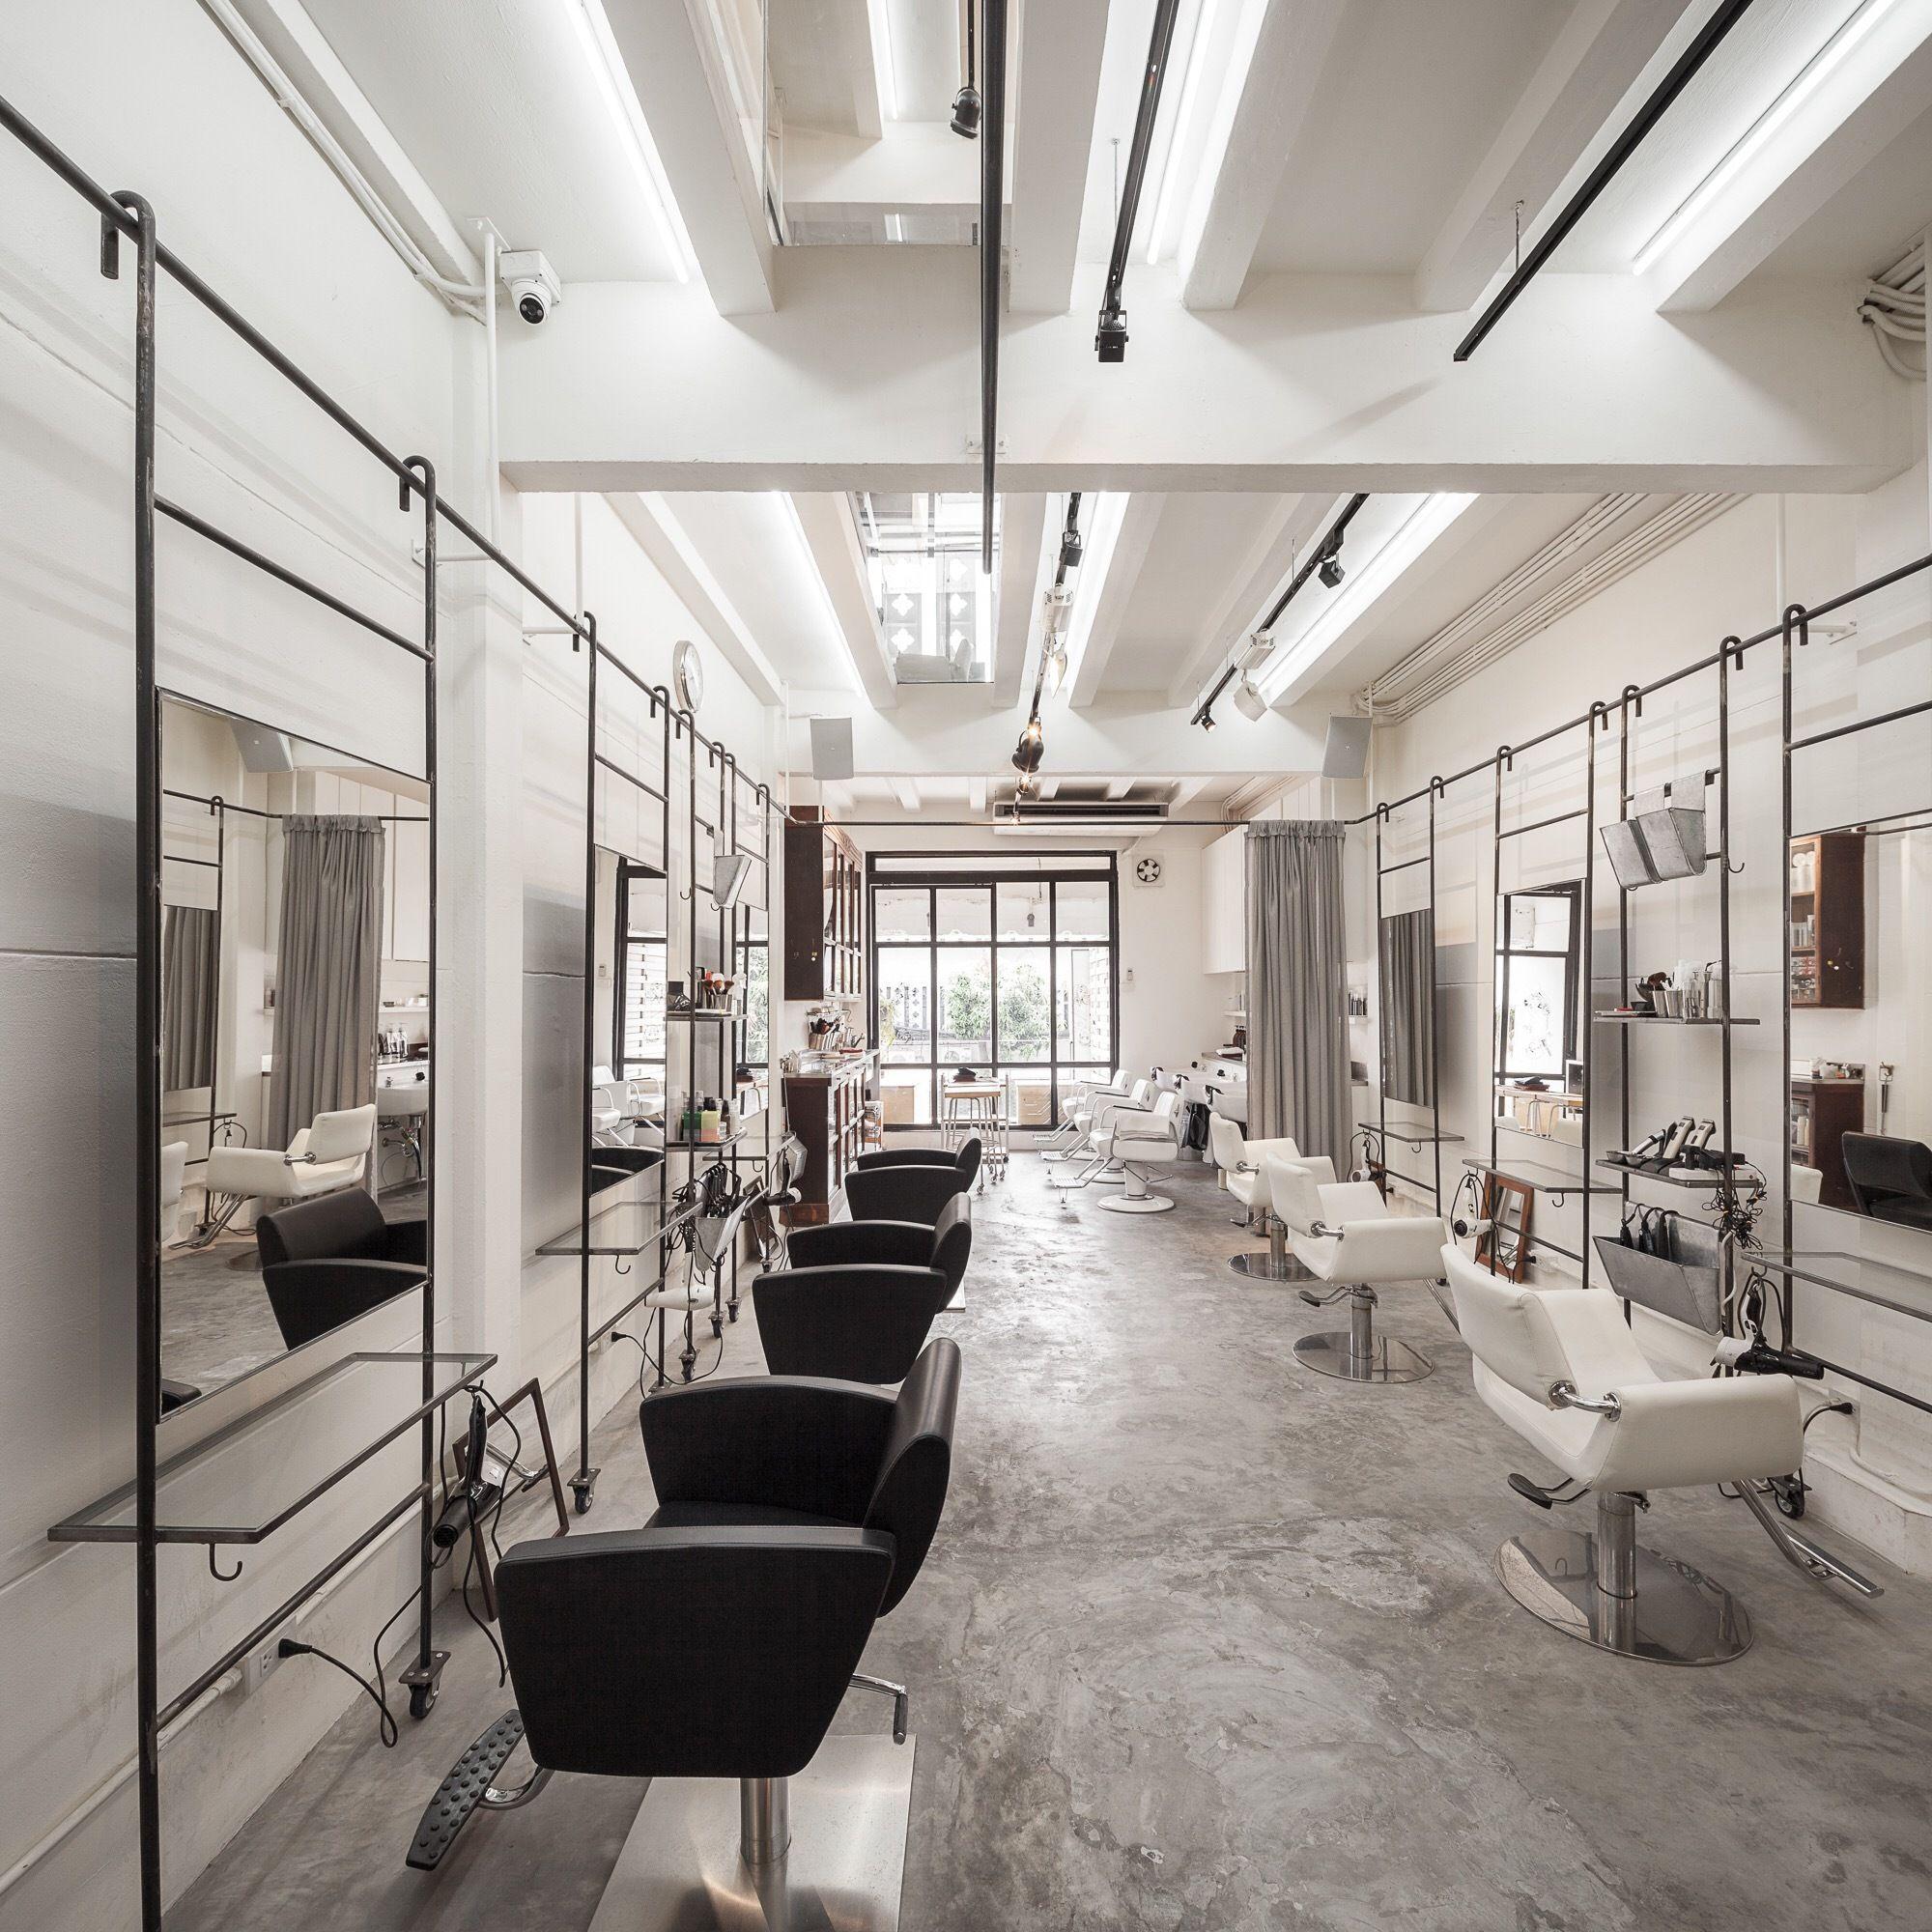 Gallery Of Boy Siam Square Stu D O Architects 16 Salon Interior Design Hair Salon Interior Beauty Salon Interior